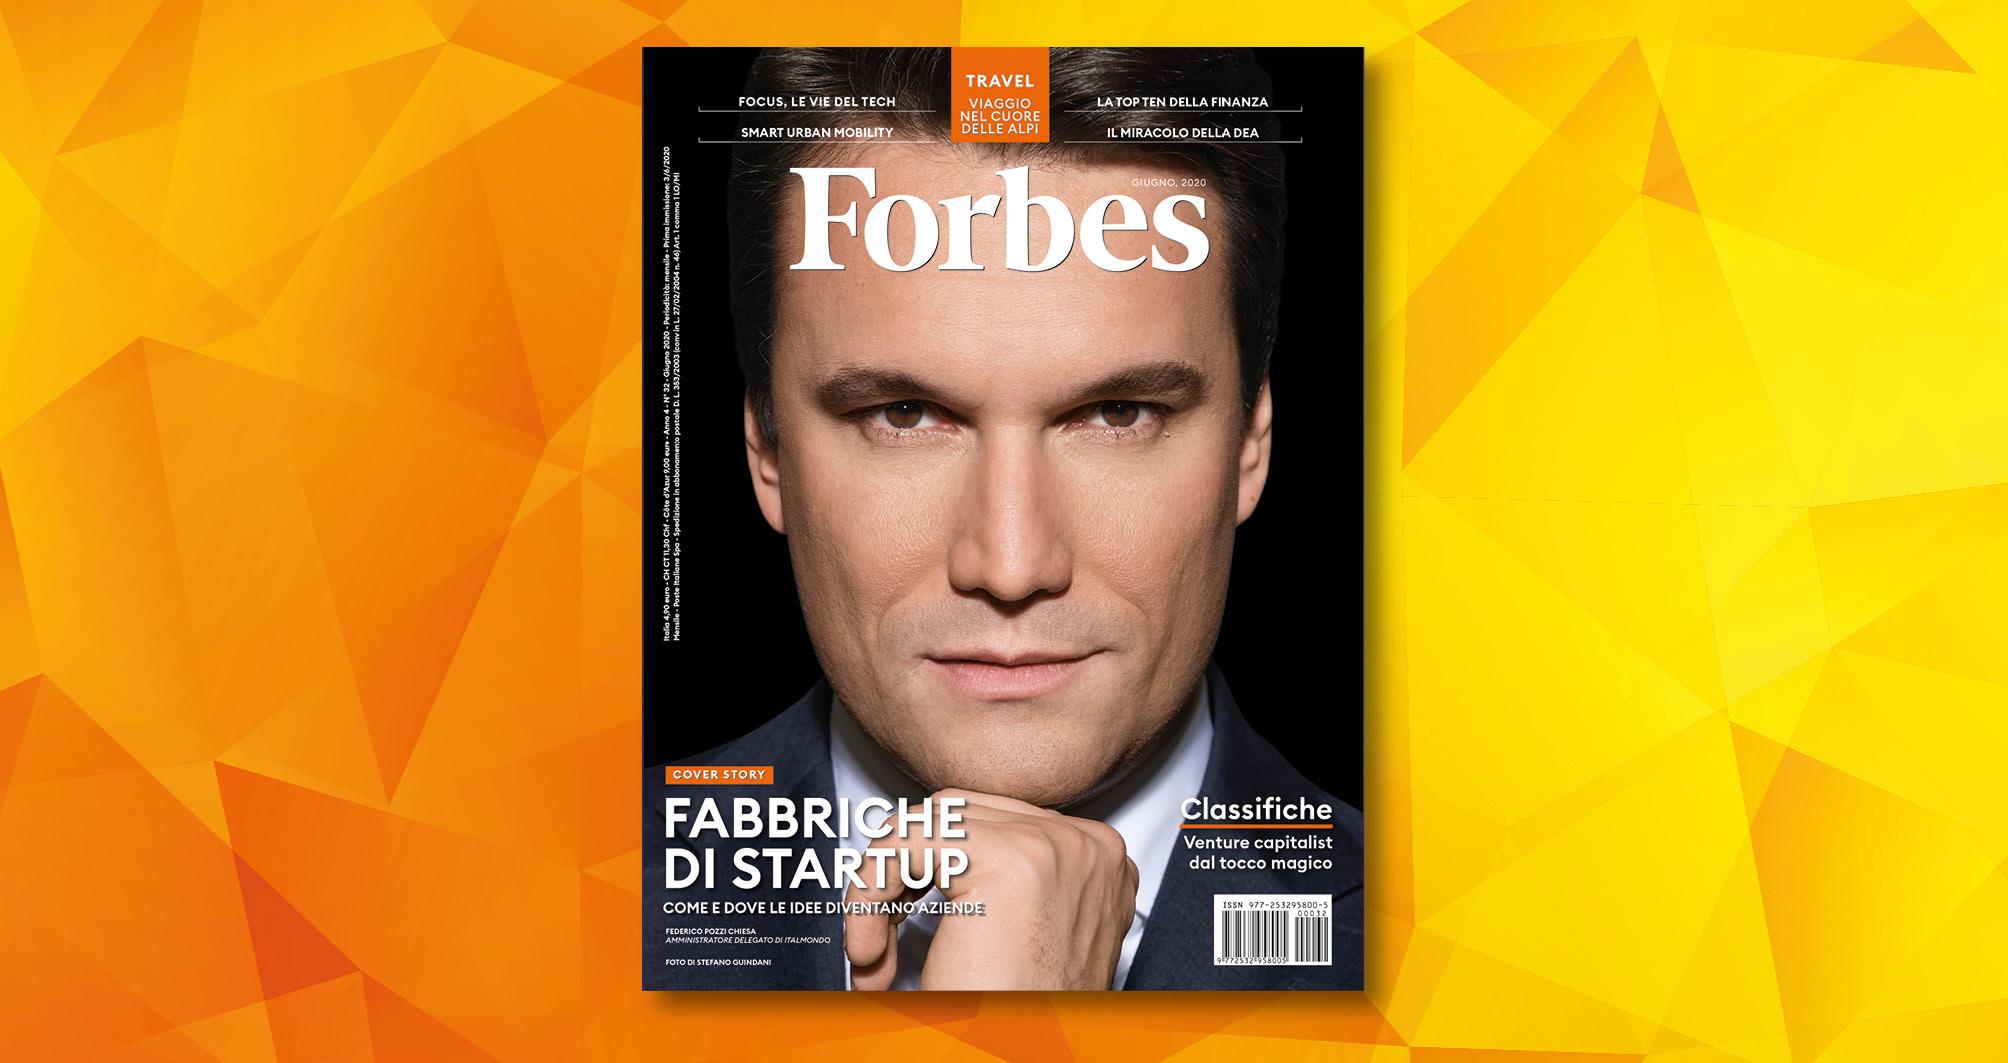 Le fabbriche di startup nel nuovo numero di Forbes, da oggi in edicola